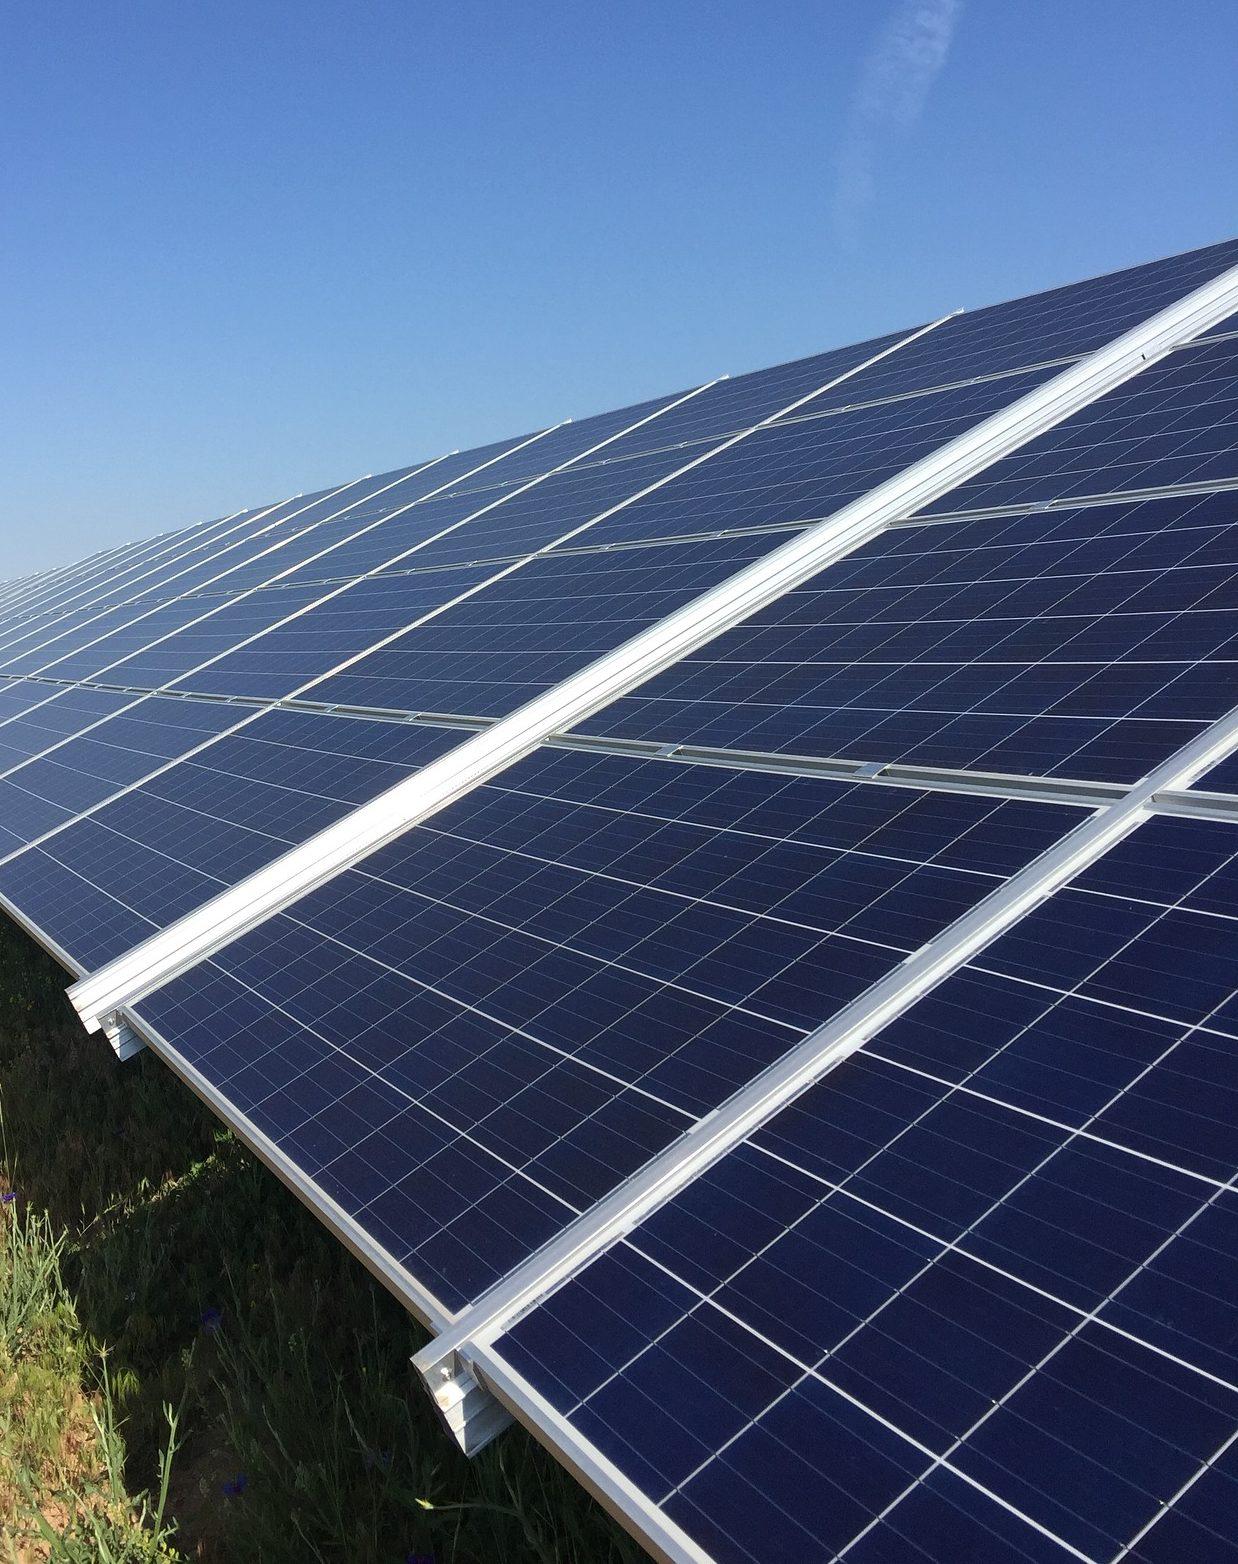 Guadagnare con le rinnovabili